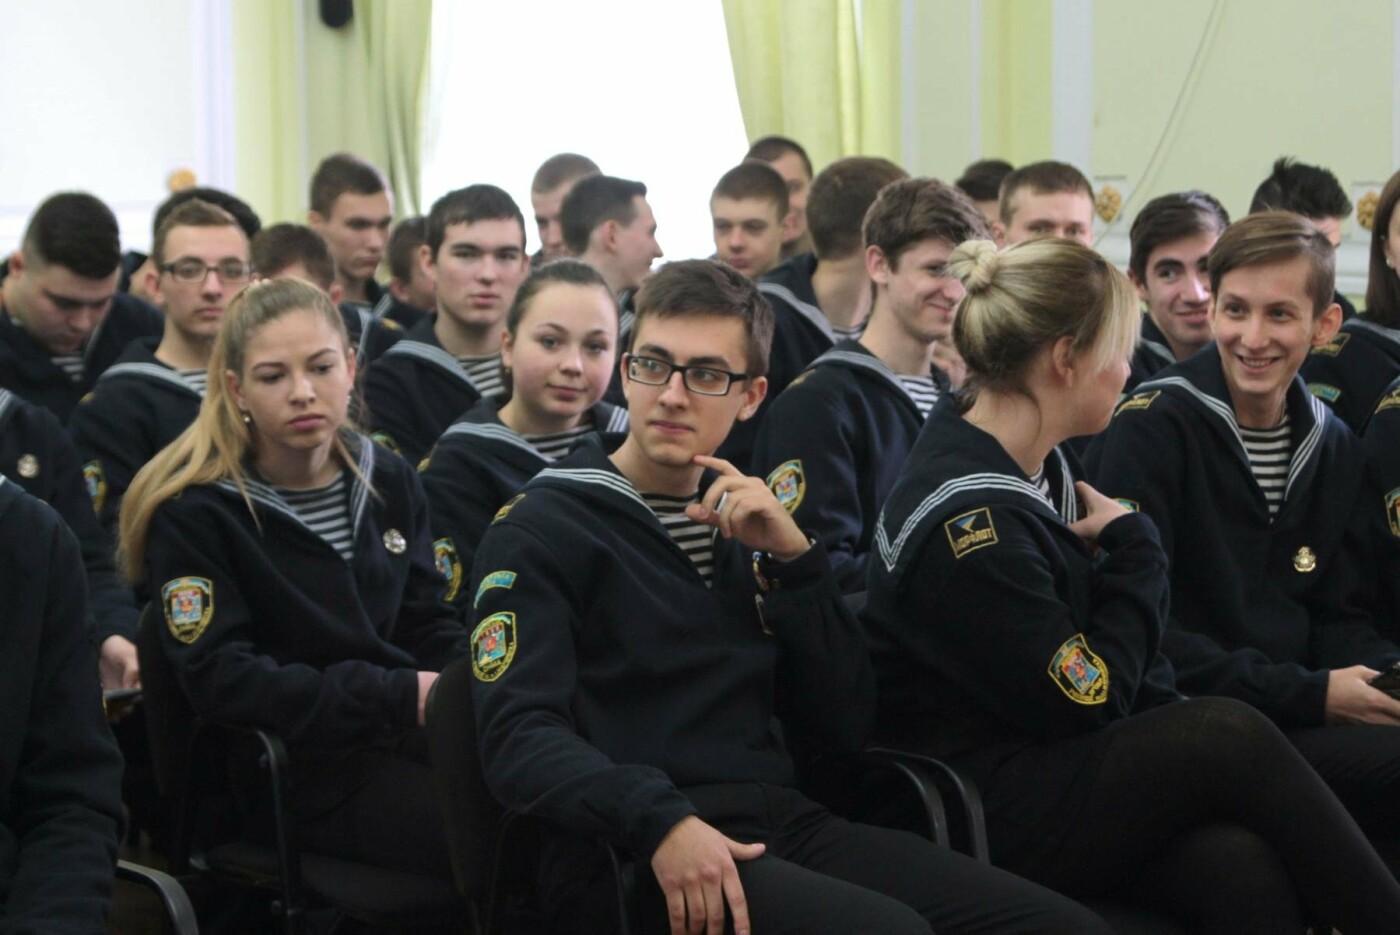 Мариупольские студенты вступили в борьбу за престижную поездку на выставку Posidonia 2018 в Афины, фото-3